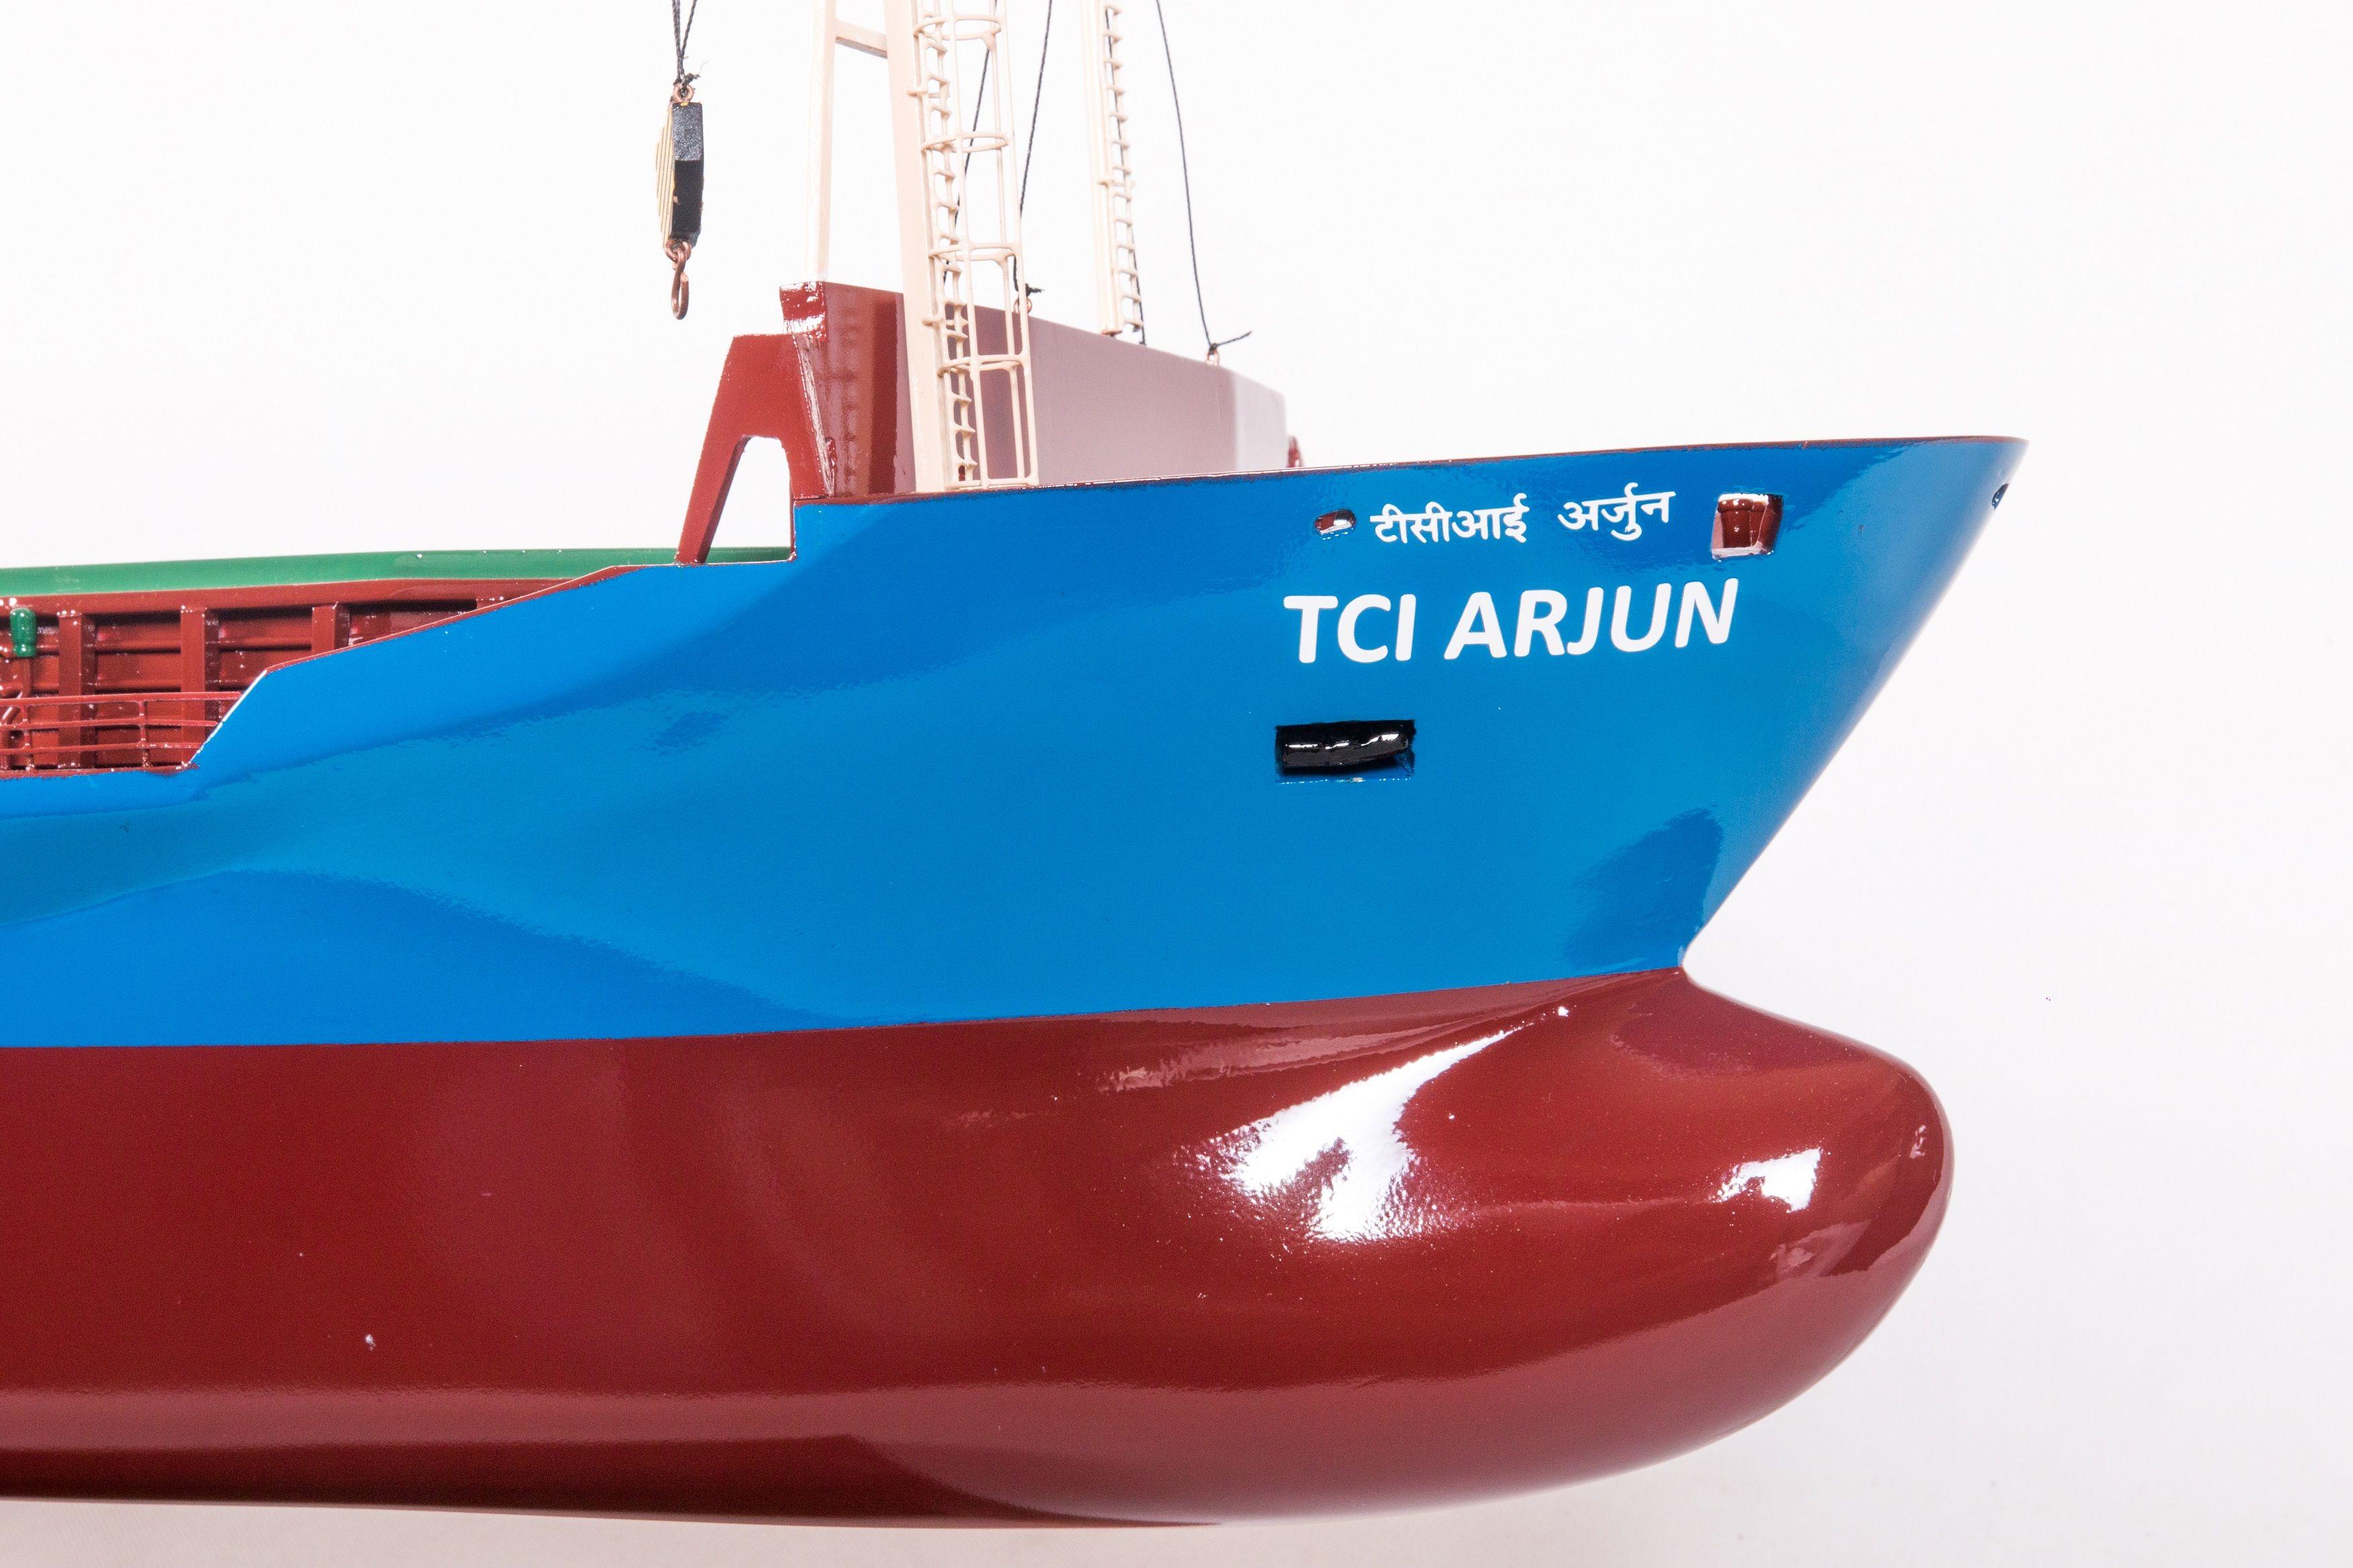 1769-9899-MV-TCI-Arjun-Cargo-Ship